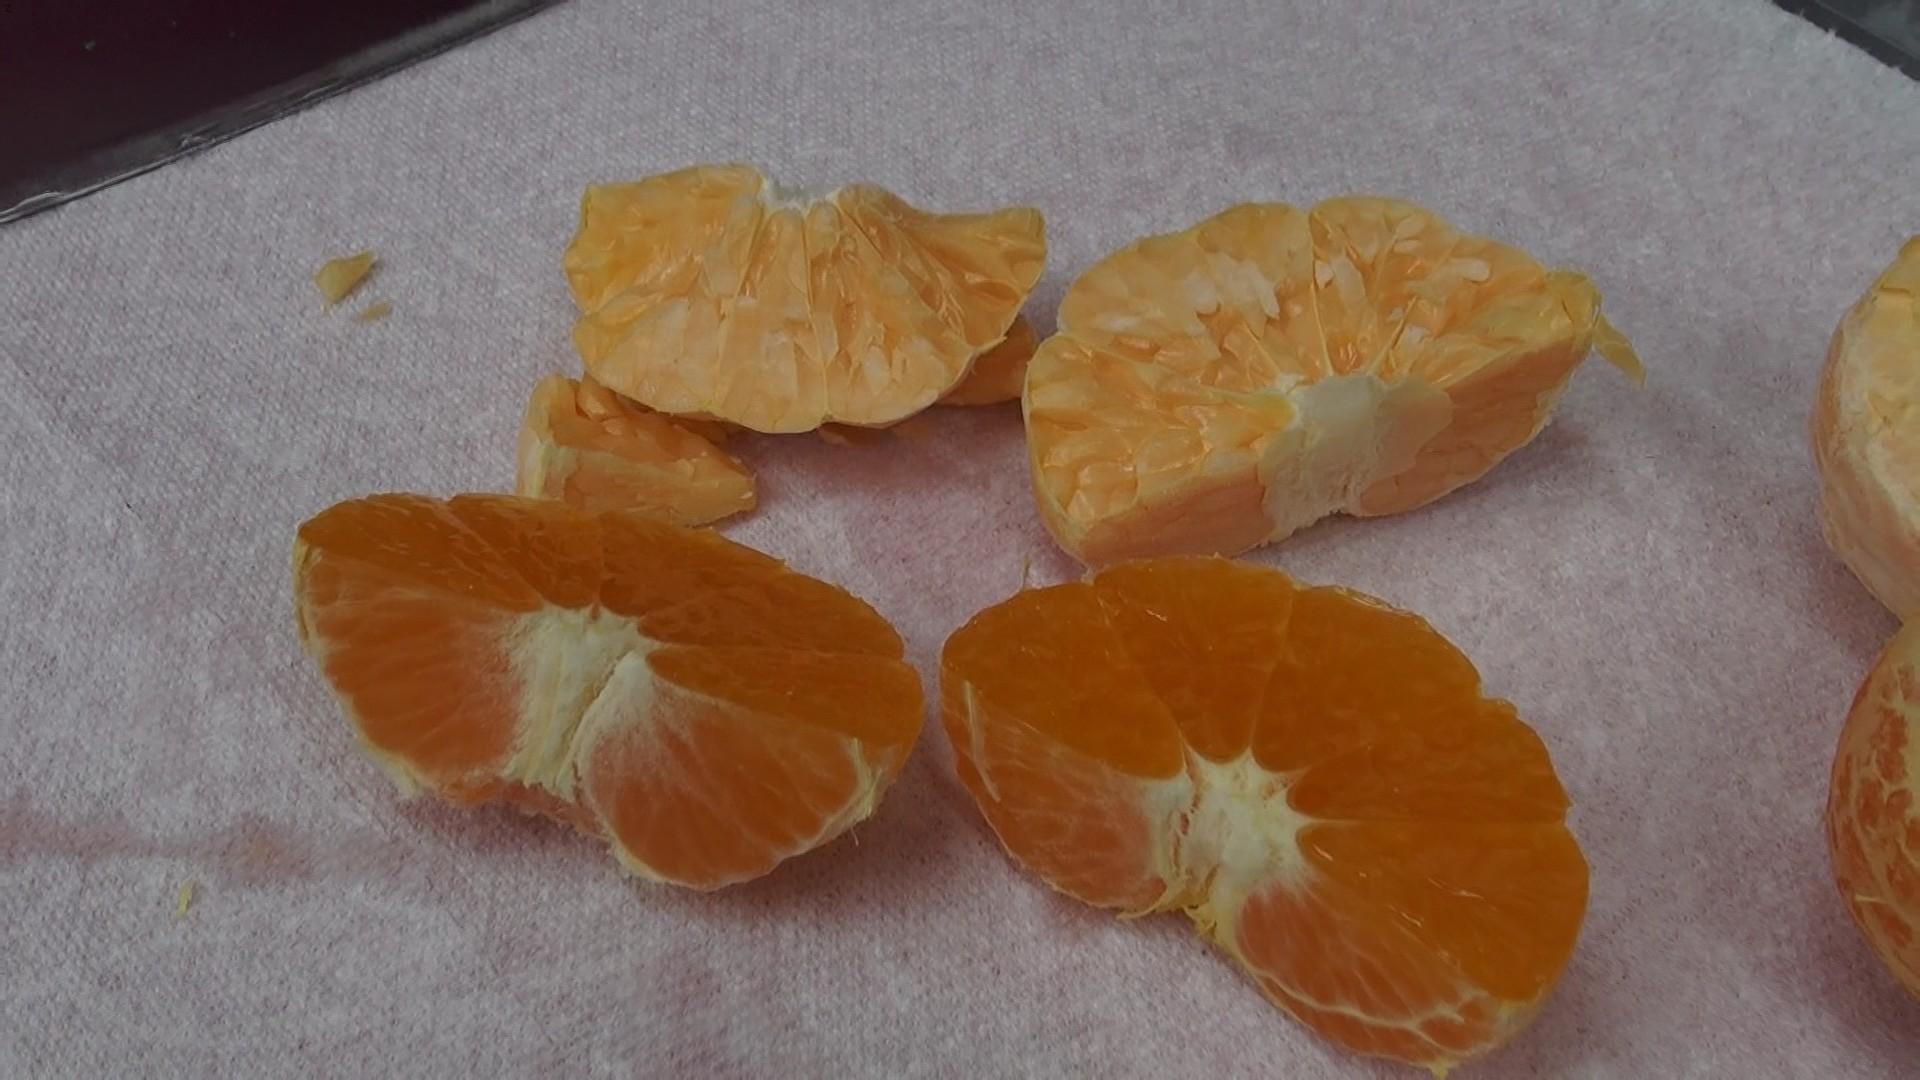 橘子外觀比較2